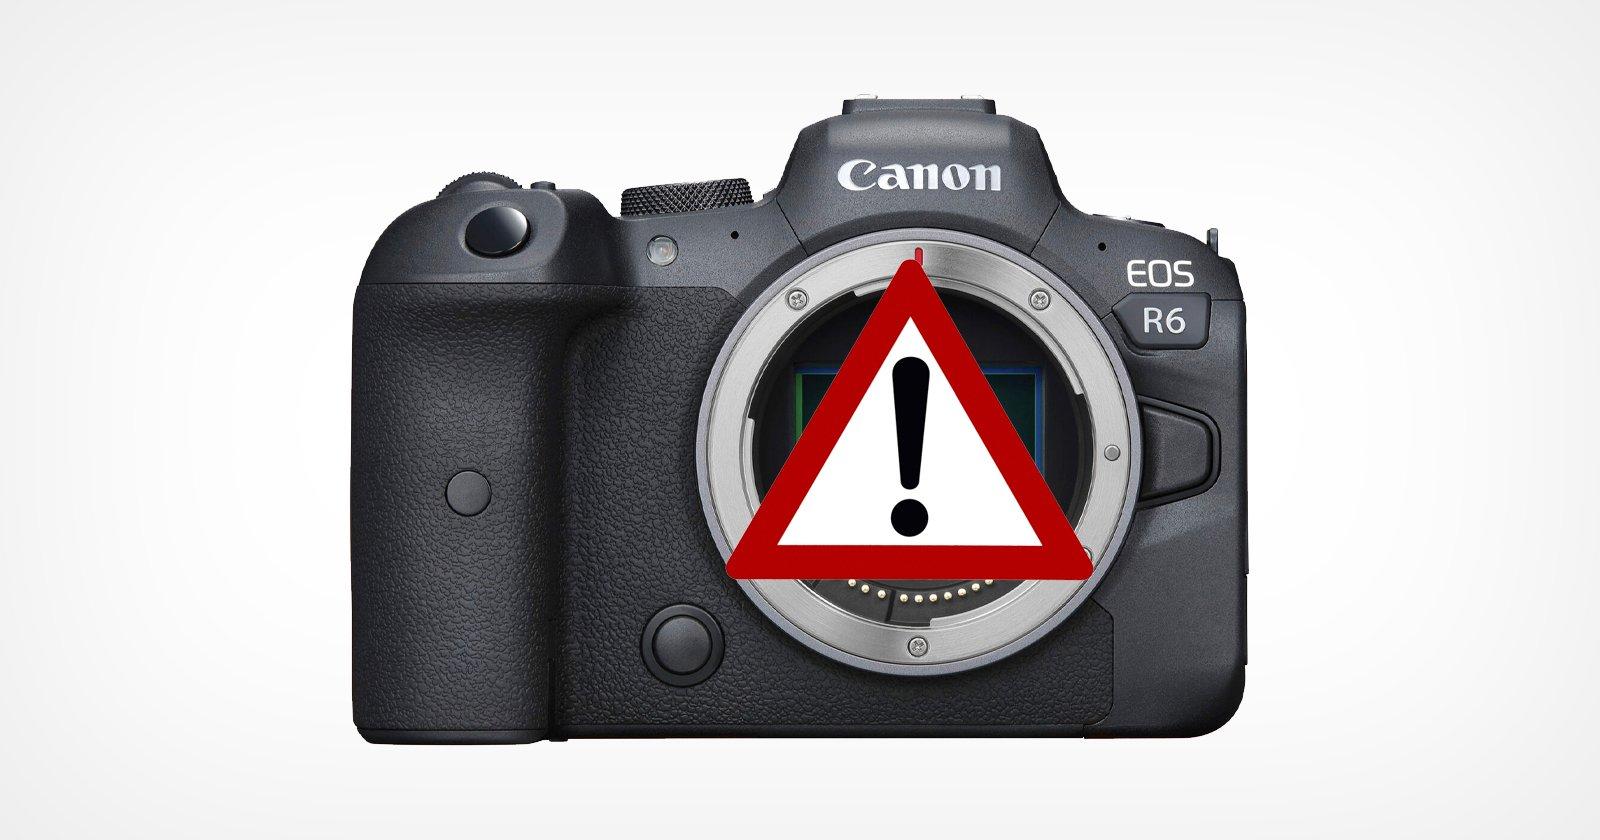 Canon rilascia rapidamente il nuovo firmware R6 per risolvere il bug video